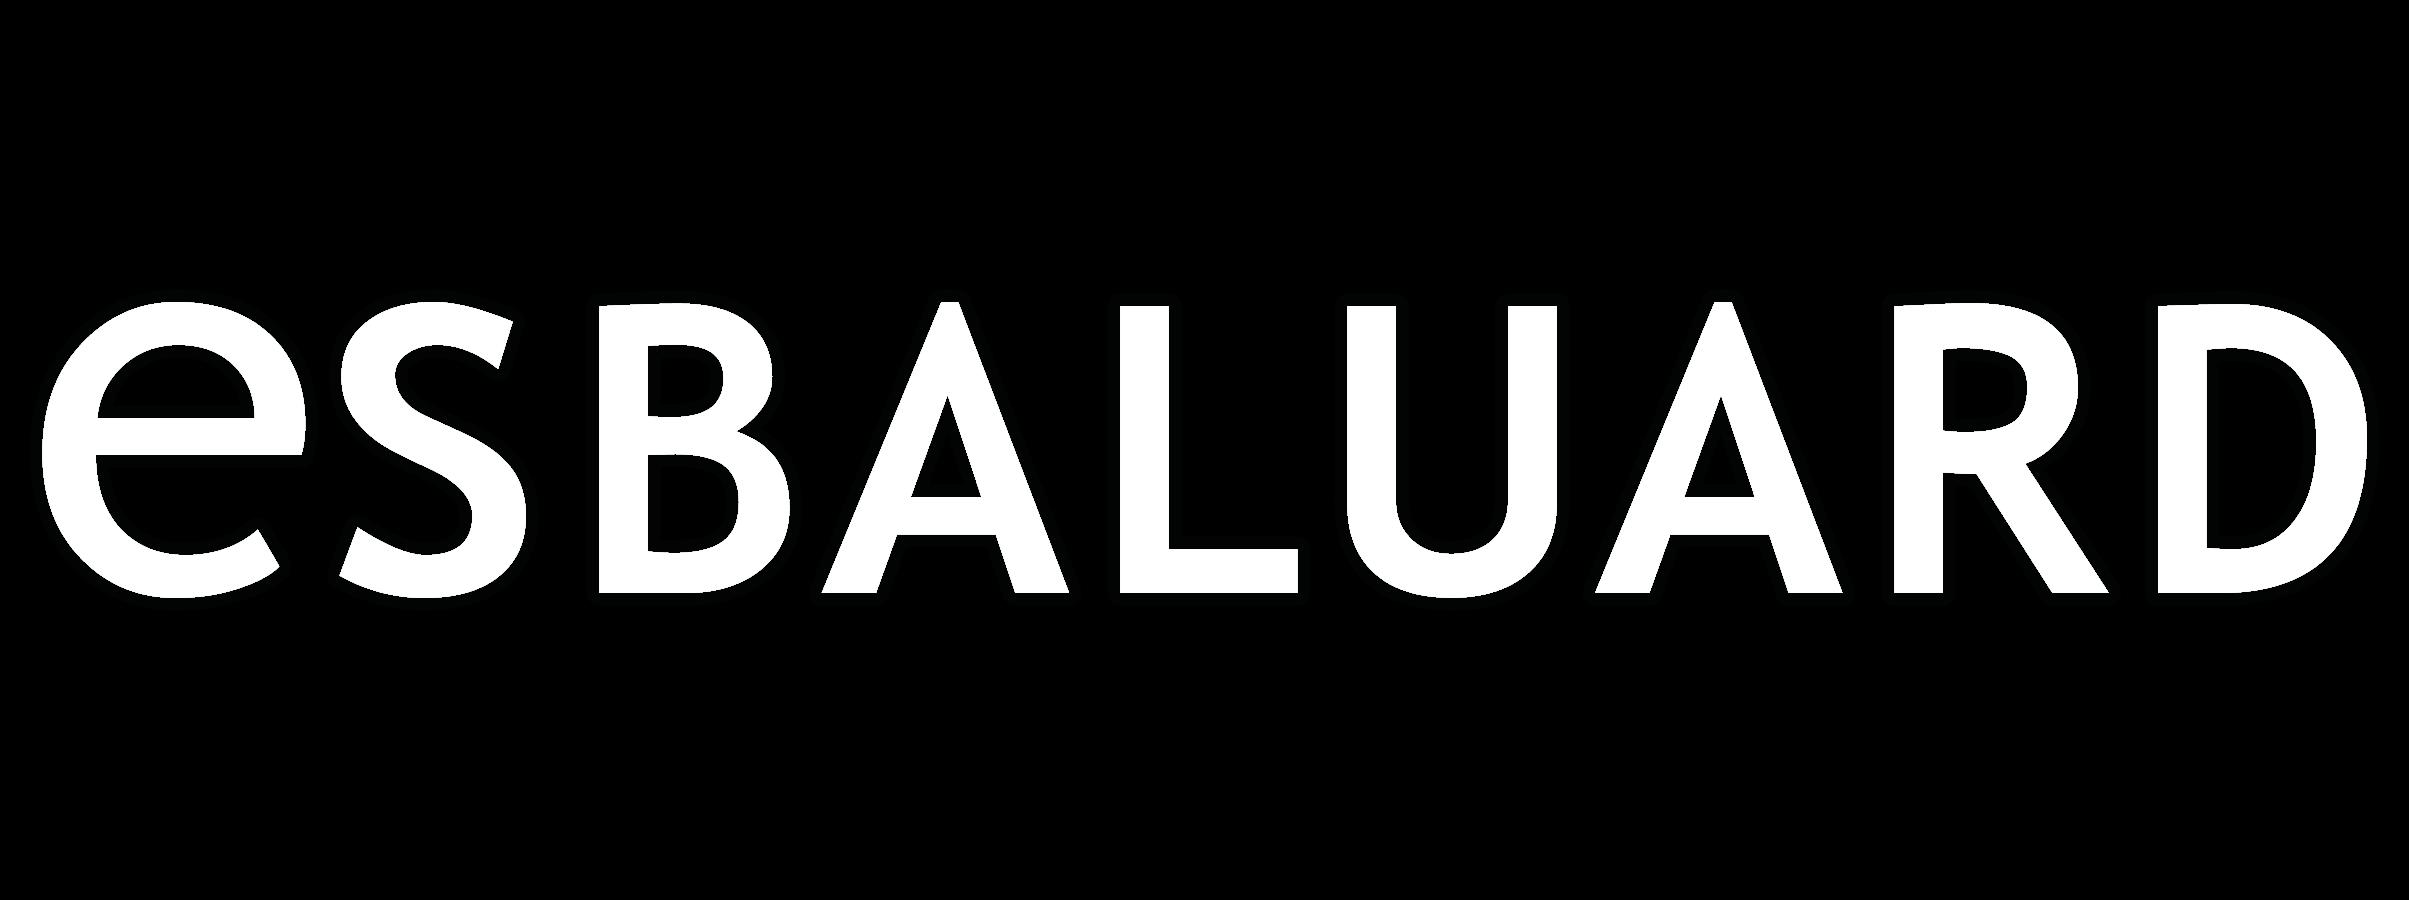 678652cbc3f Es Baluard Museo de Arte Moderno y Contemporáneo de Palma